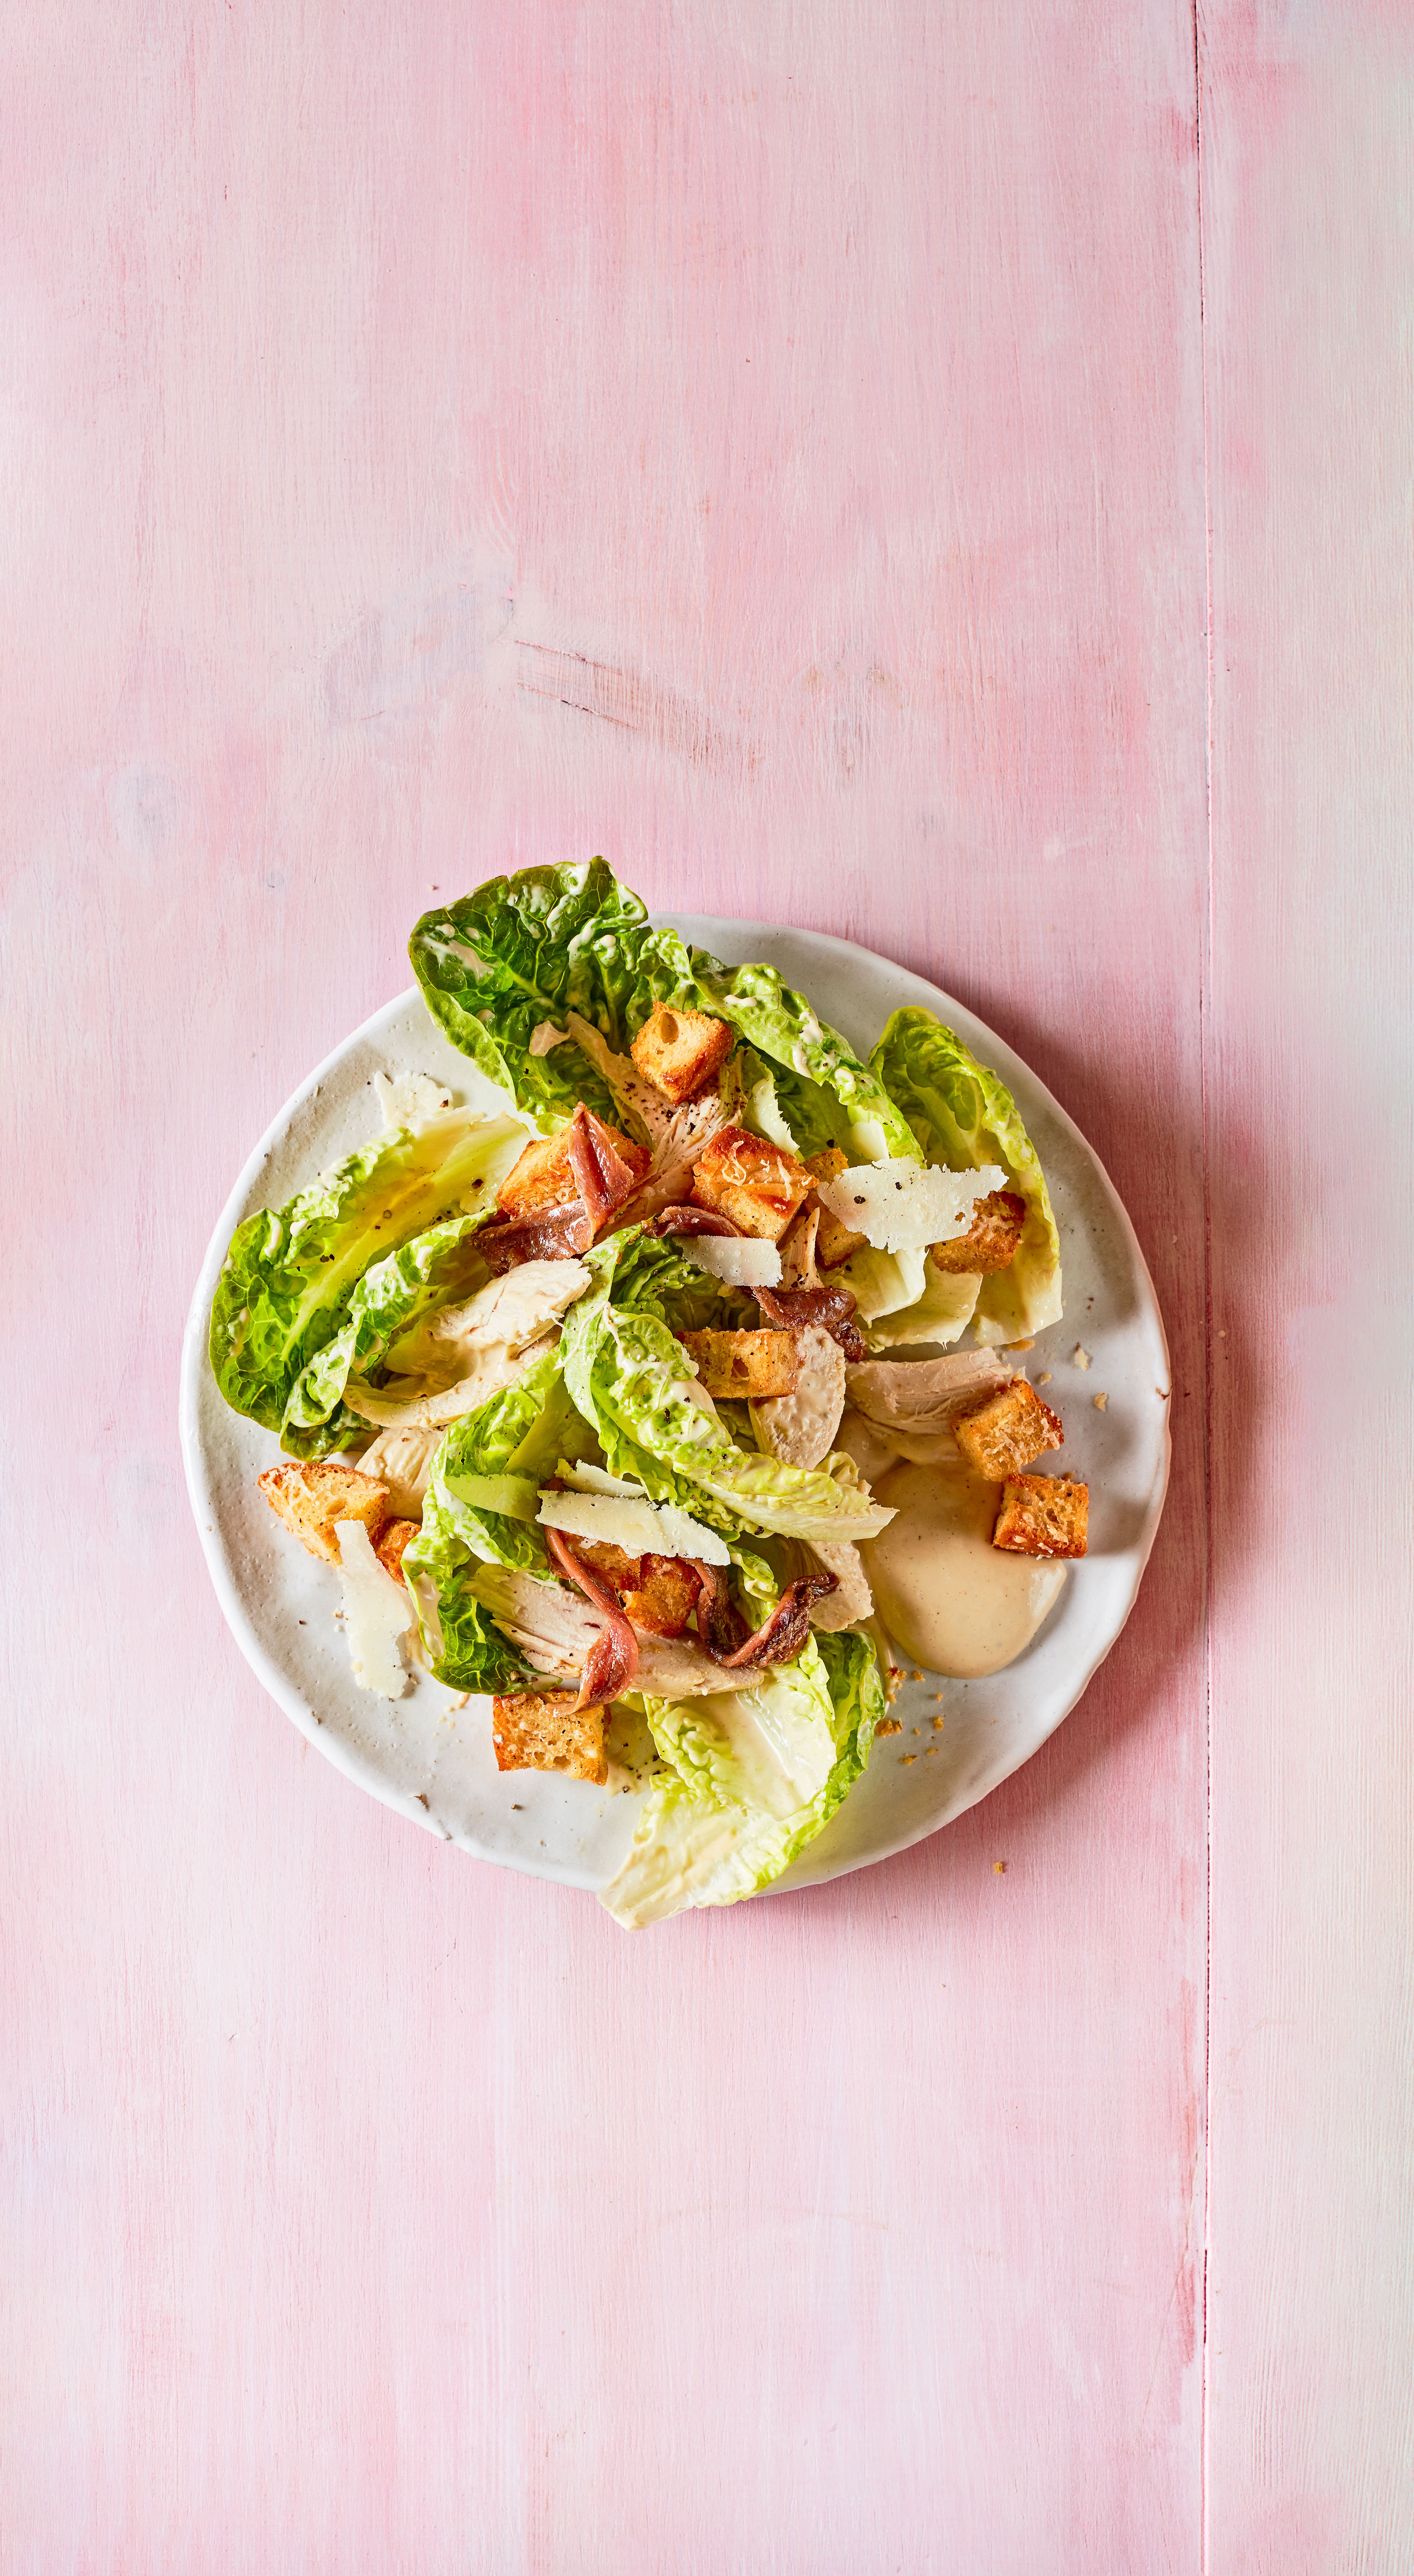 O farfurie de salată albă cu frunze de salată și crutoane